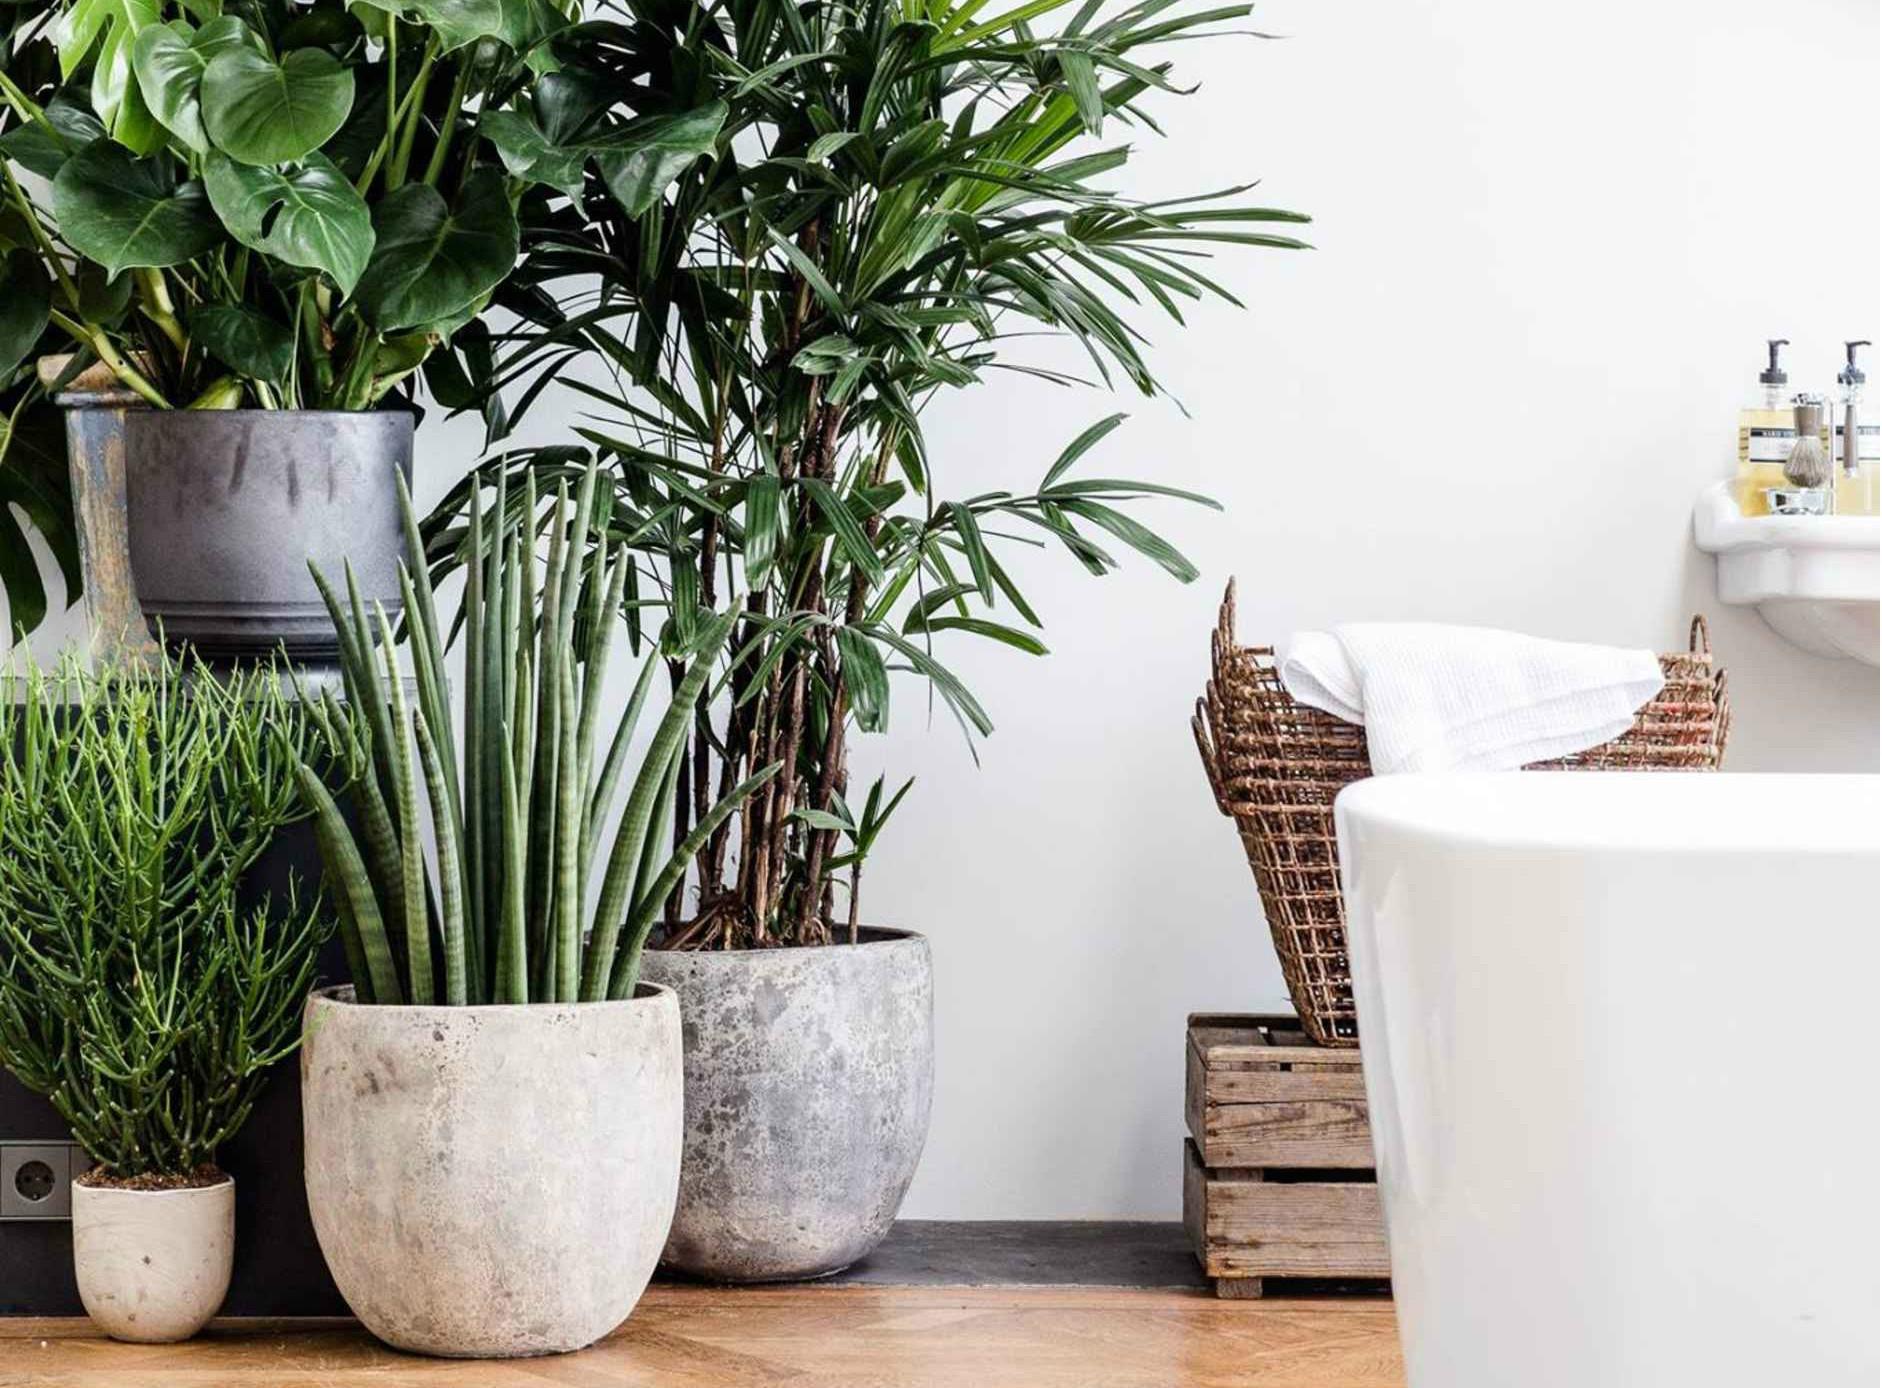 растения в кашпо купить